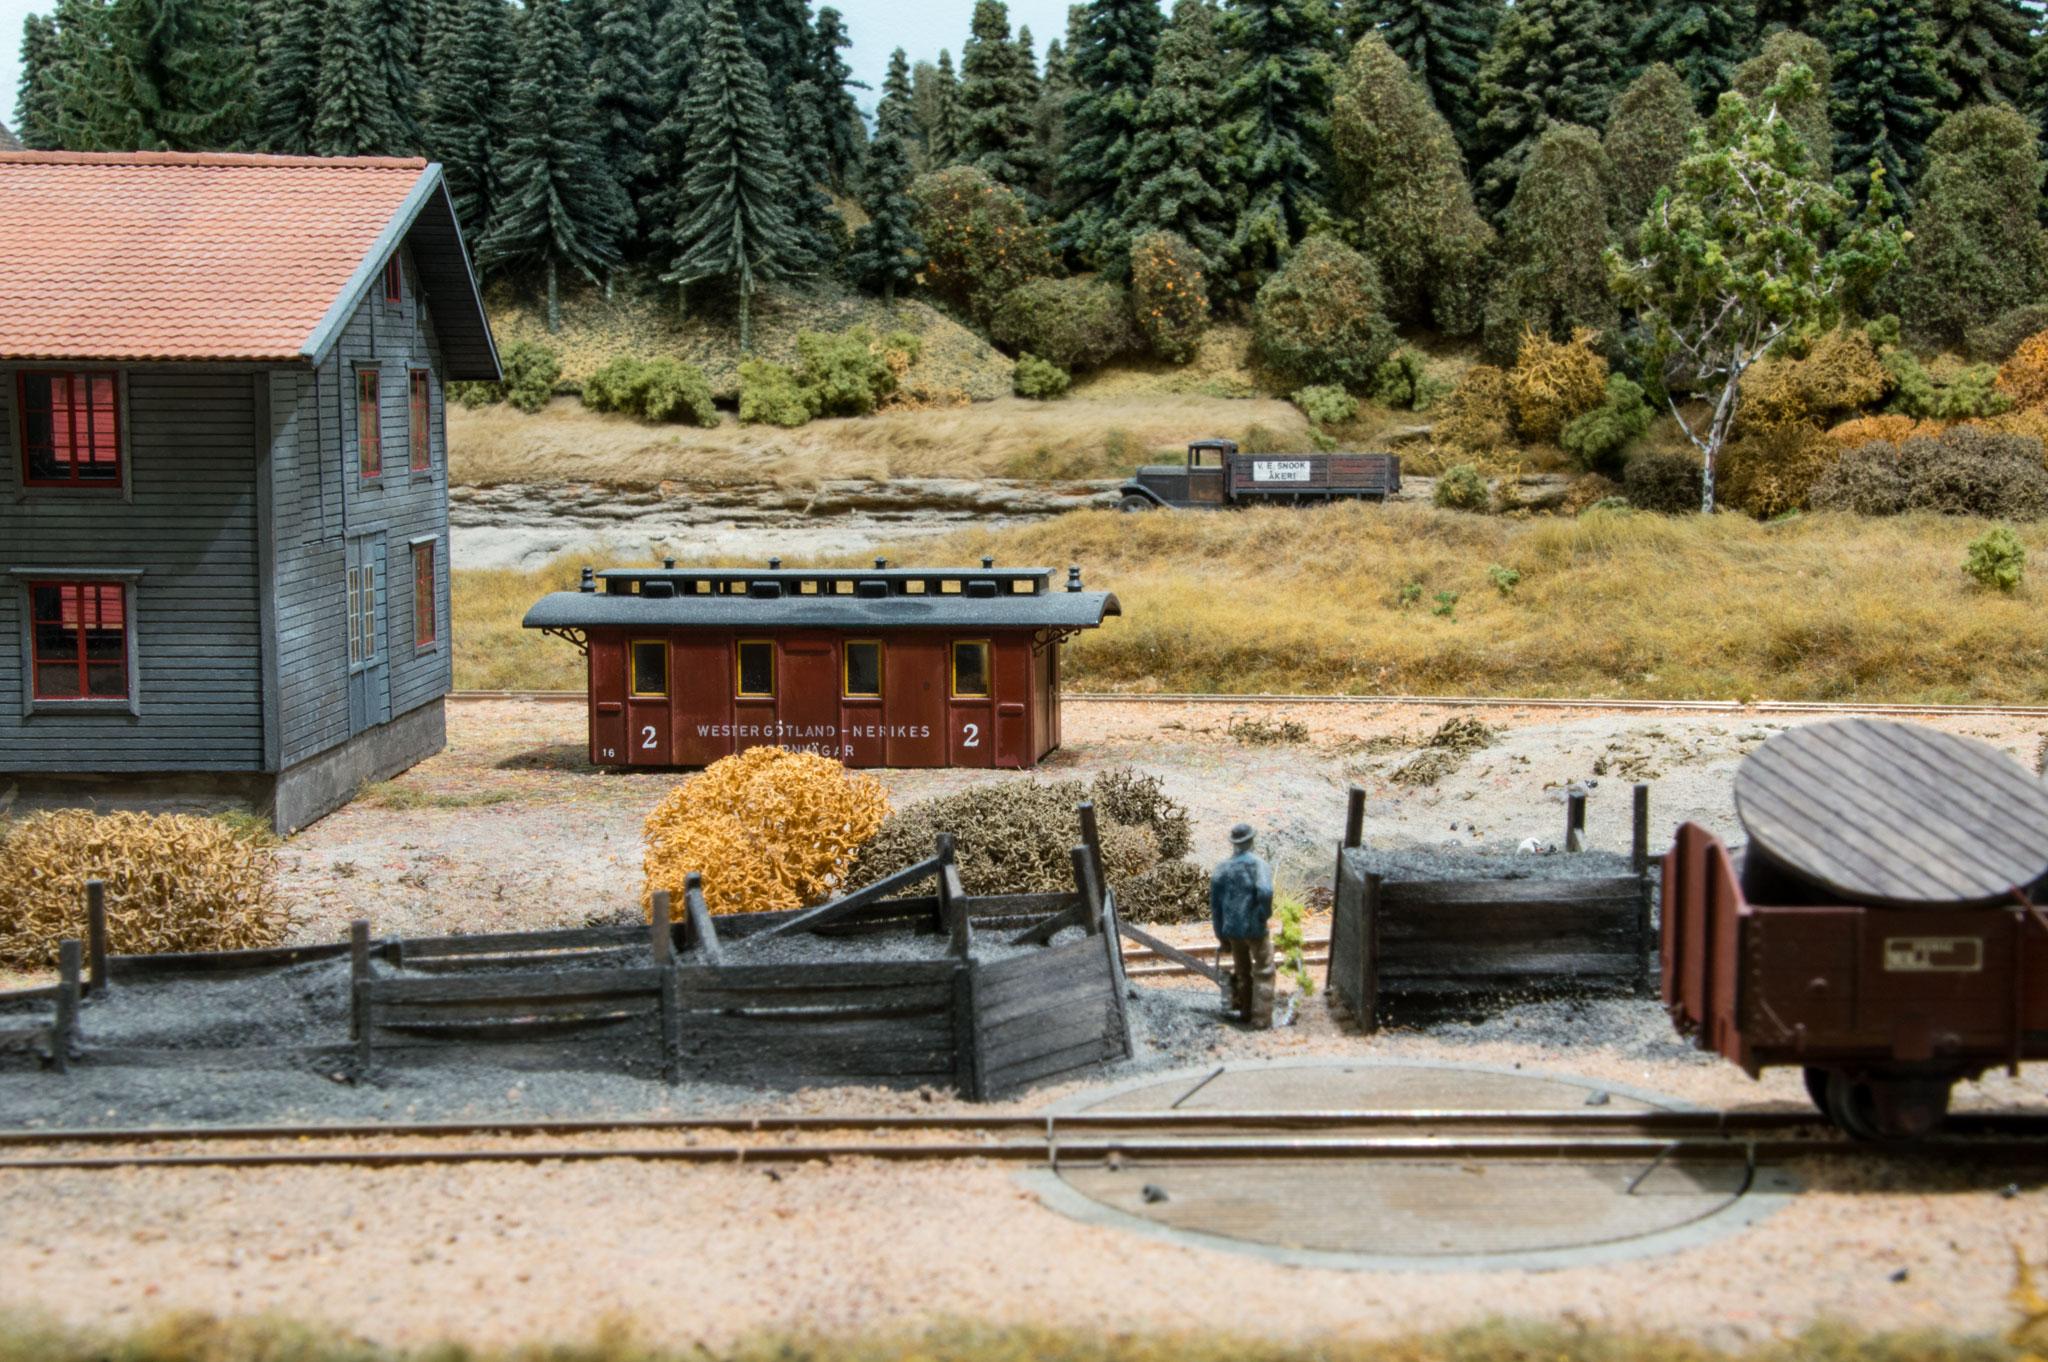 Remisemiljø i Kvarstad med kullager og drejeskive